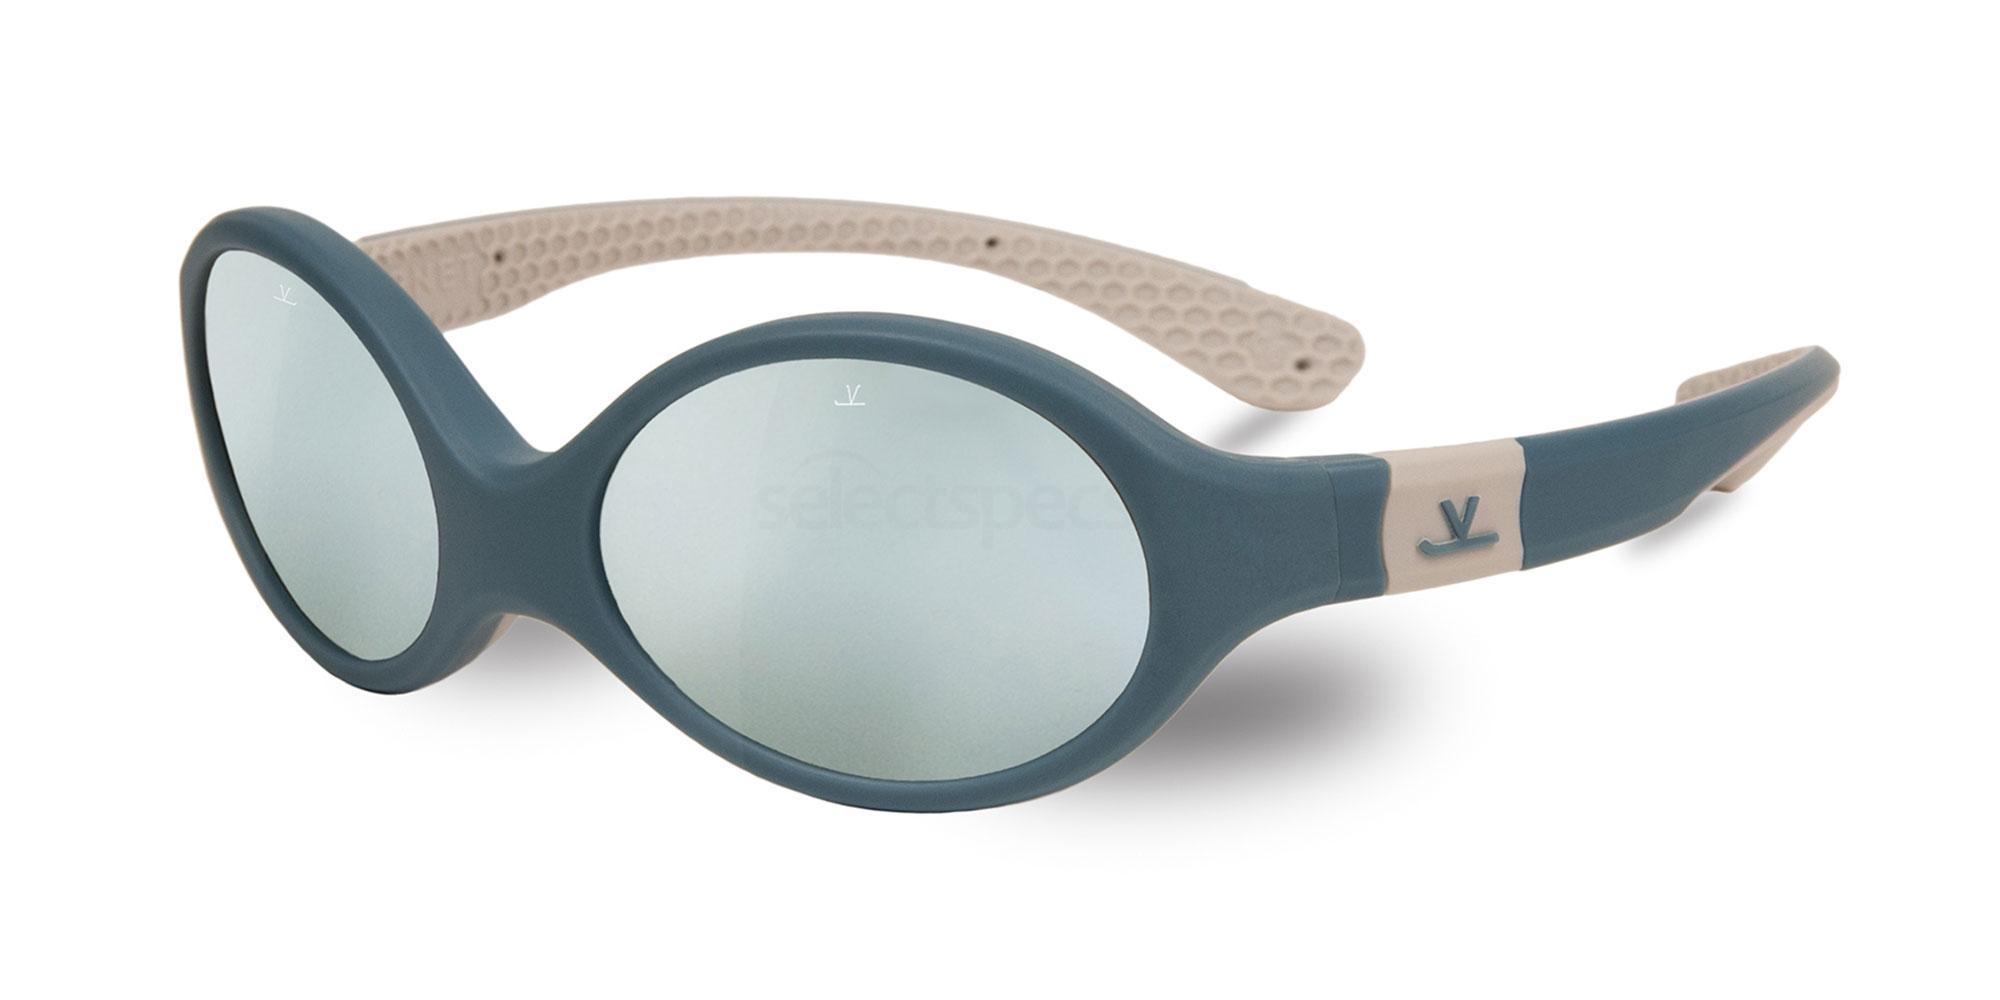 VL170100032285 VL1701 (0-3 yesrs) Sunglasses, Vuarnet KIDS